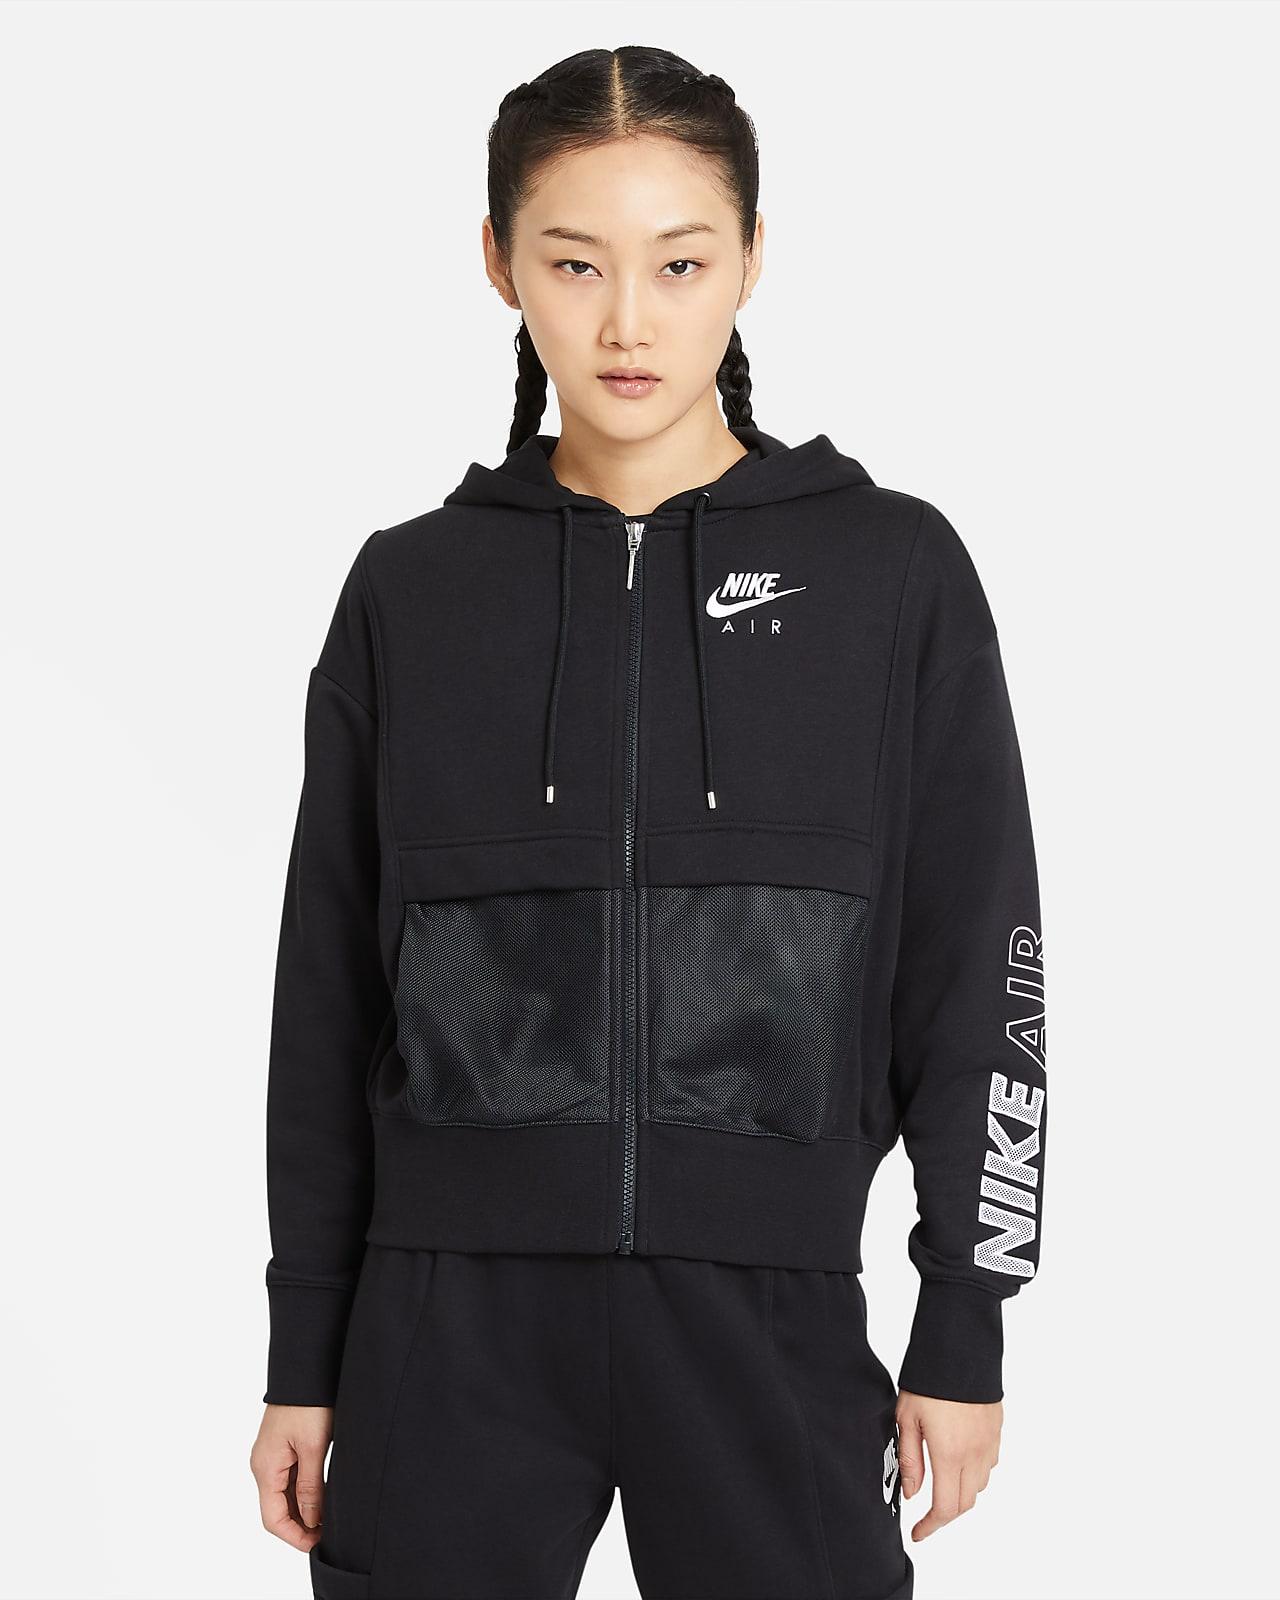 เสื้อซิปยาวผู้หญิง Nike Air